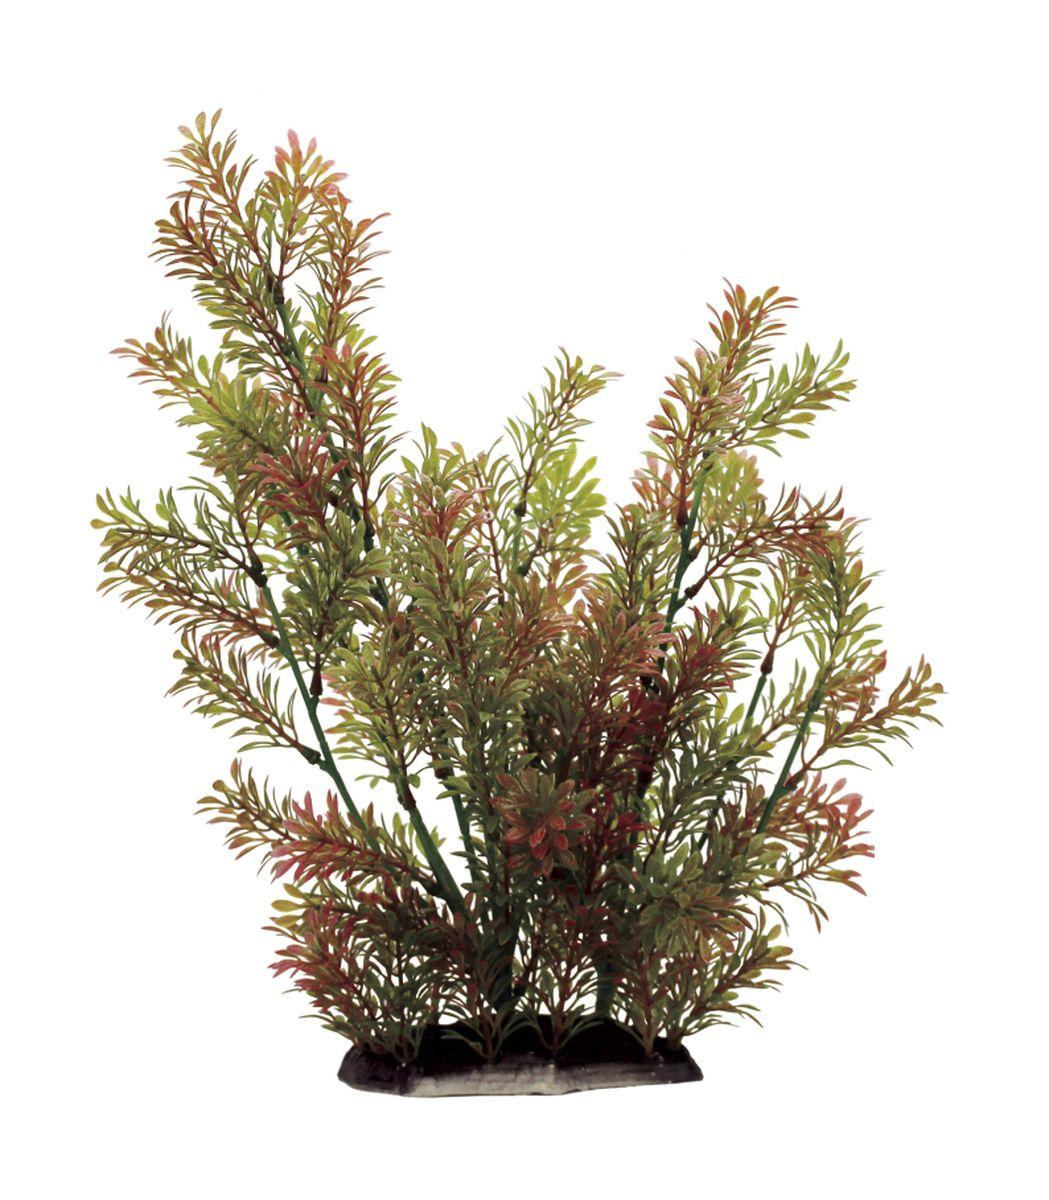 Растение для аквариума ArtUniq Ротала индийская, высота 35 см0120710Композиция из искусственных растений ArtUniq превосходно украсит и оживит аквариум.Растения - это важная часть любой композиции, они помогут вдохнуть жизнь в ландшафт любого аквариума или террариума. А их сходствос природными порадует даже самых взыскательных ценителей.